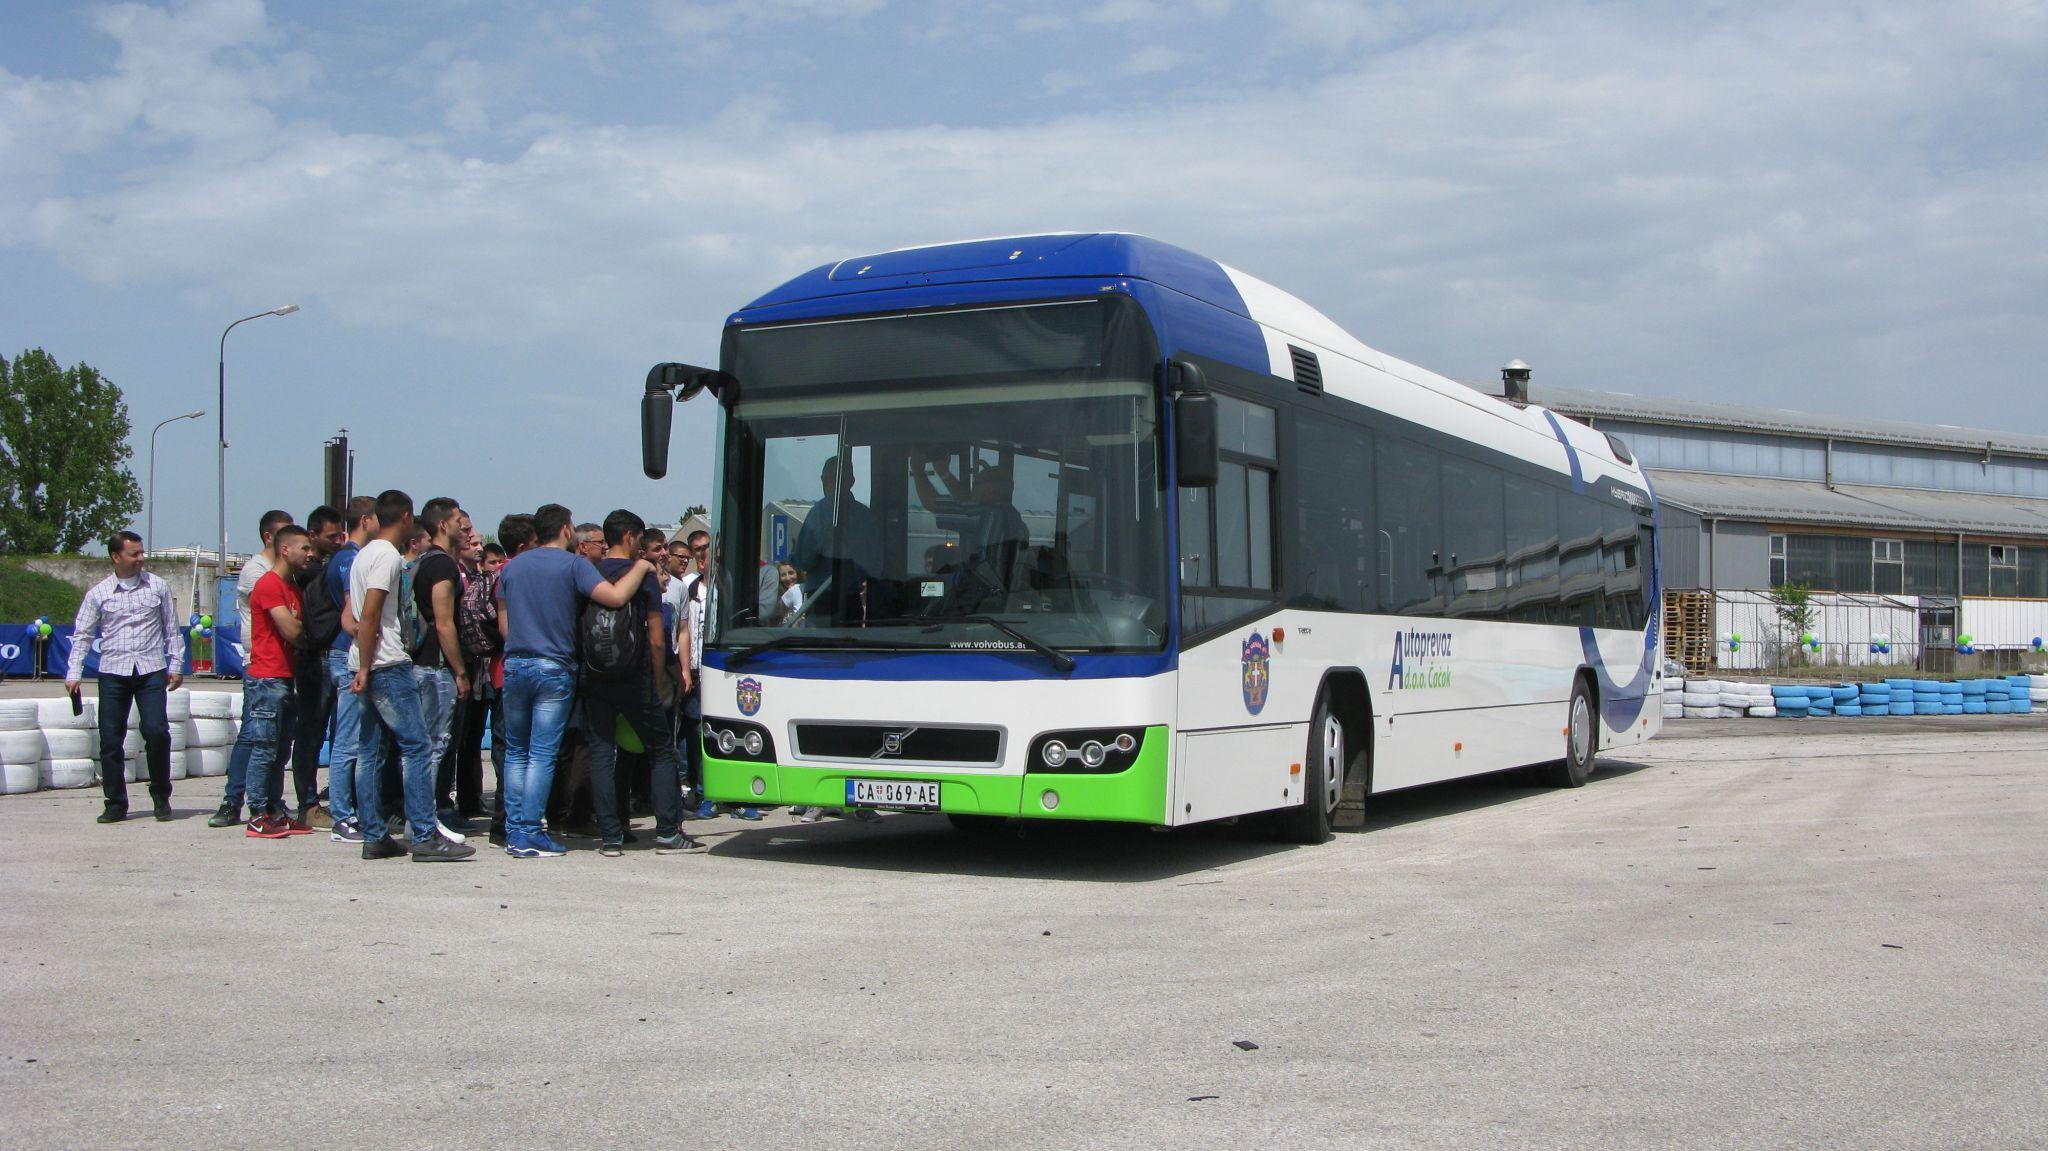 Jeden z deseti hybridních autobusů Volvo 7700H pro provoz ve městě Čačak. (foto: Sača Conić; Autobusi.net)